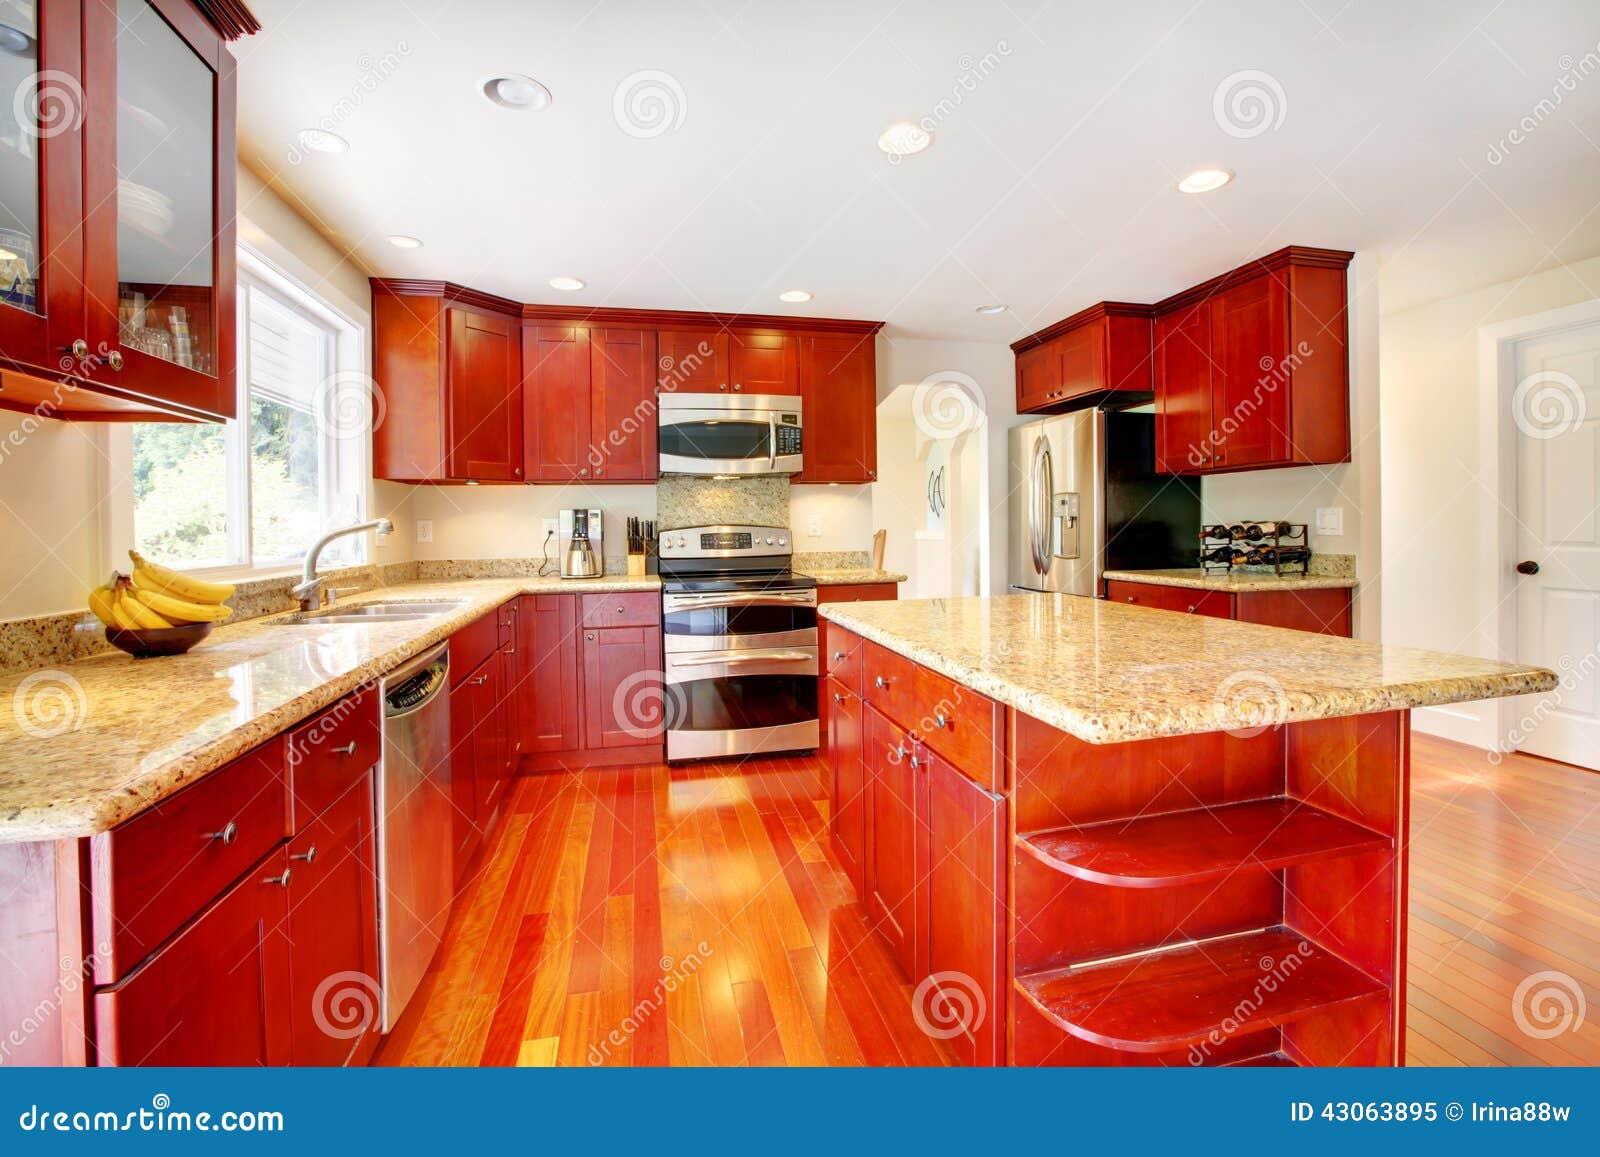 Parete Rossa Cucina. Best Elegant I Colori Come Il Rosso E ...